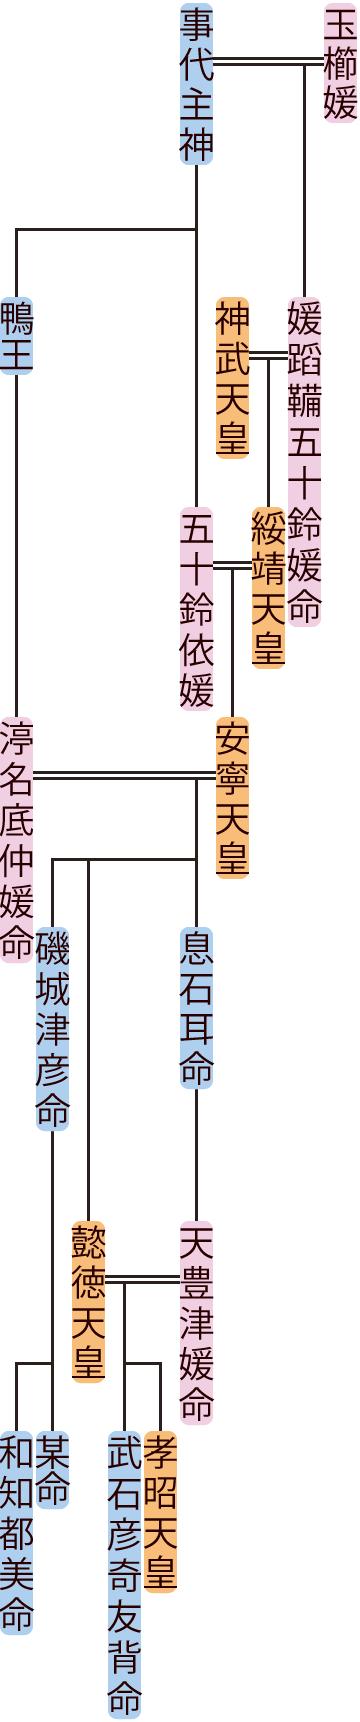 安寧天皇の系図